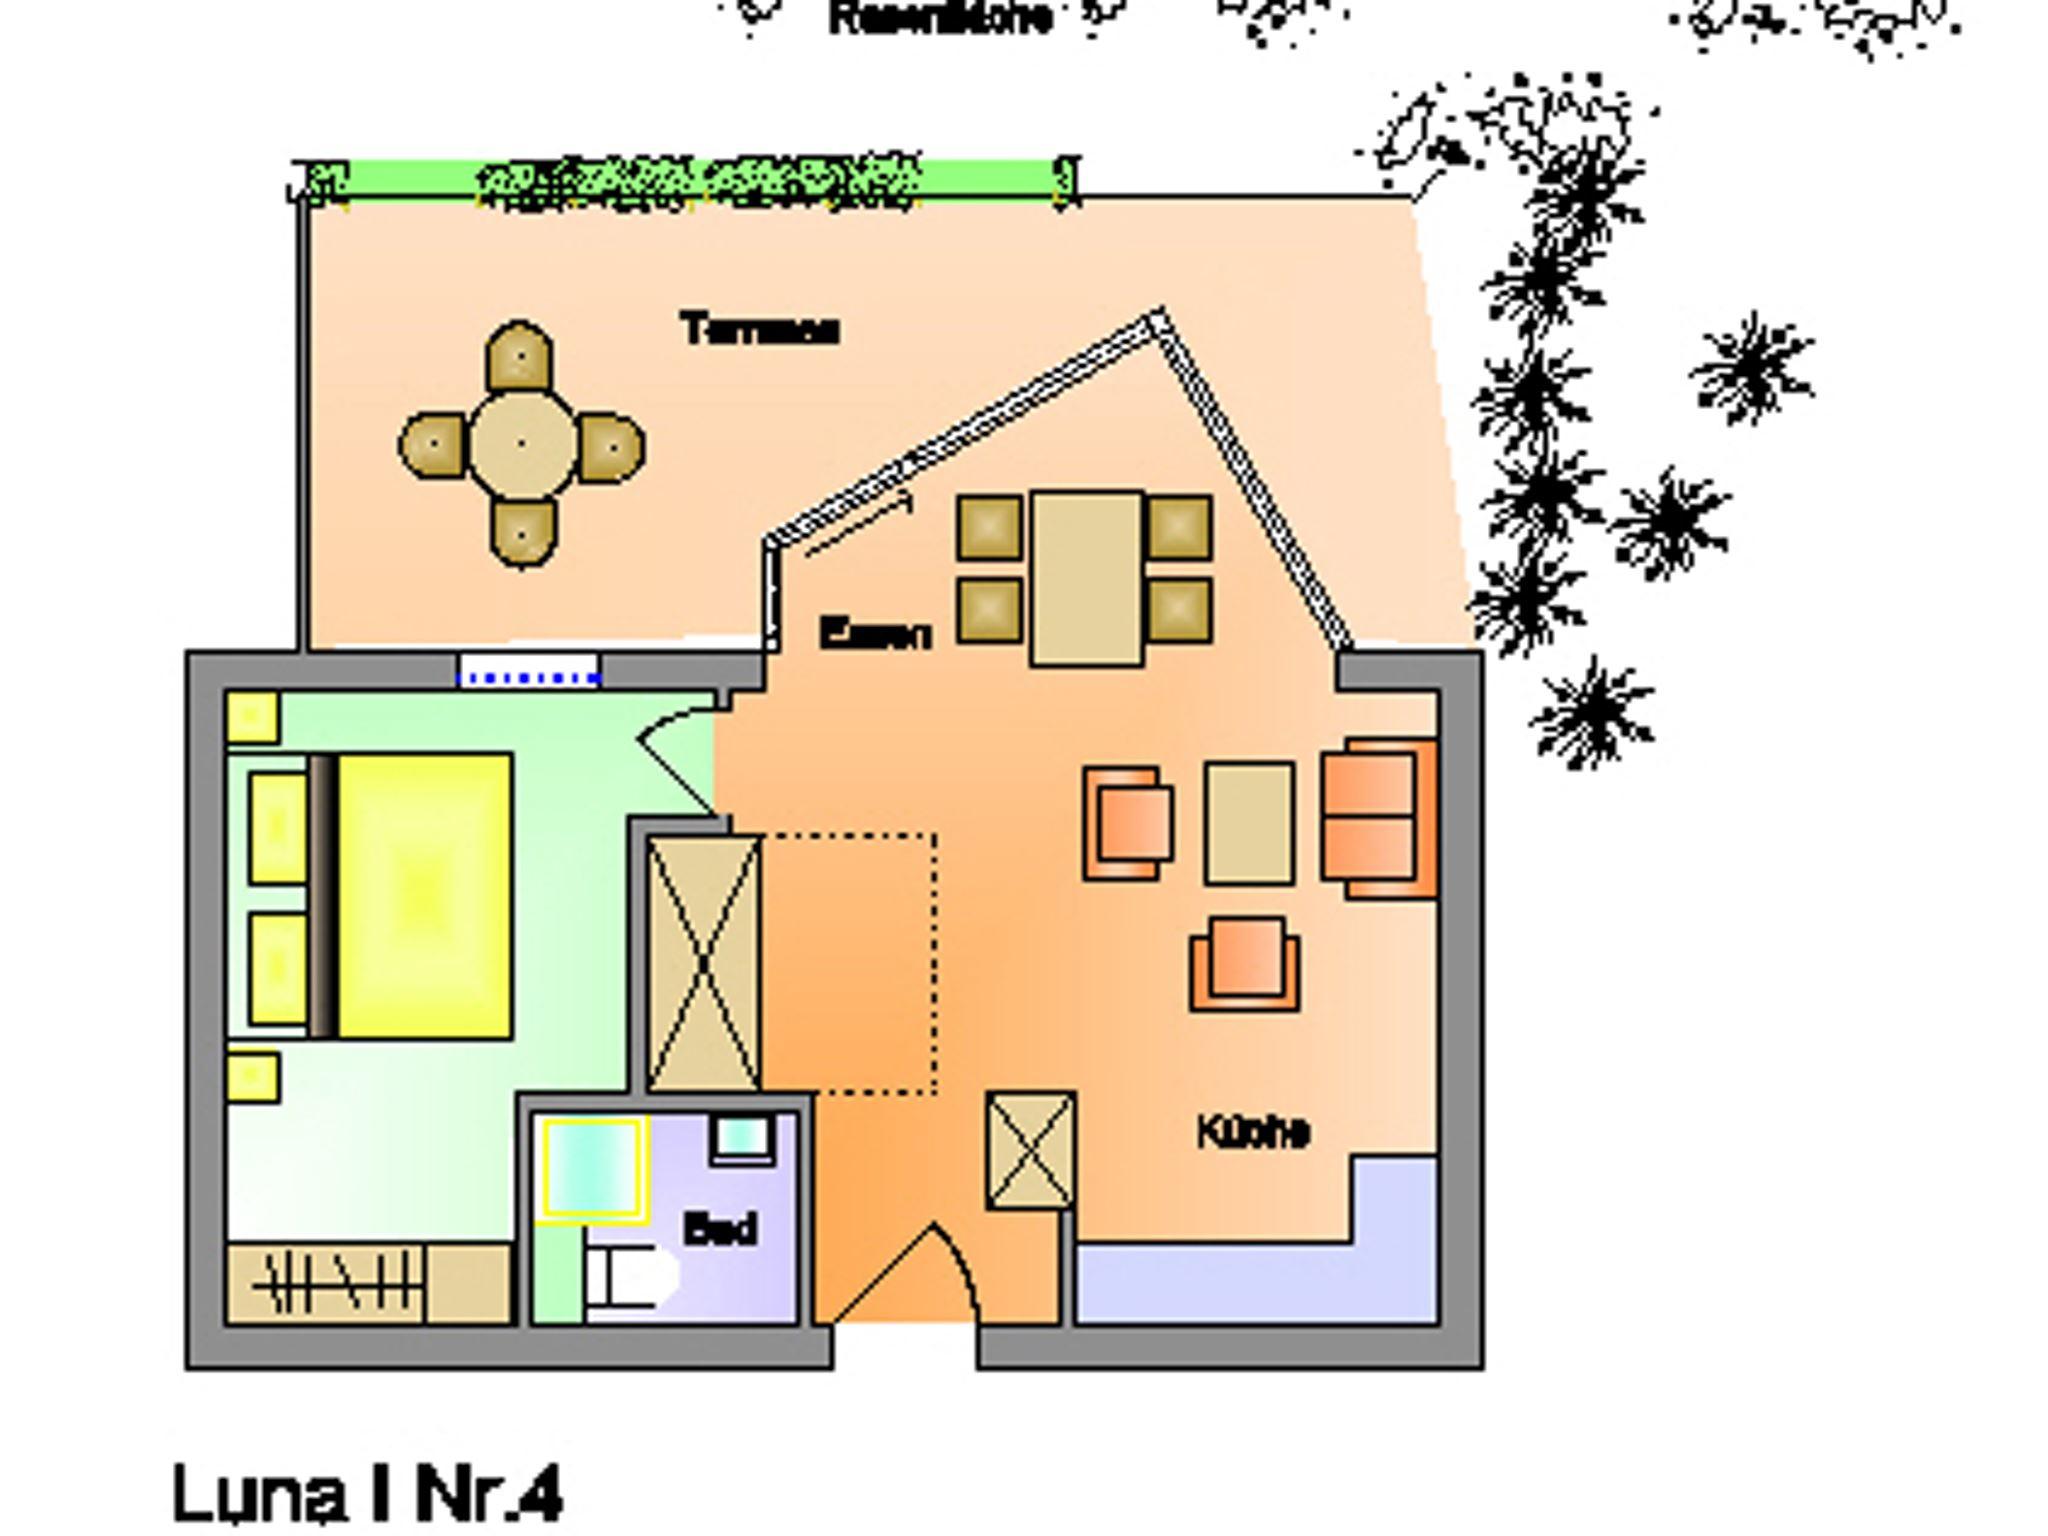 Helles, großzügiges 2-4 Personen Appartement mit Wintergarten und Zugang zum Garten; strandnah; Luna I Nr. 4